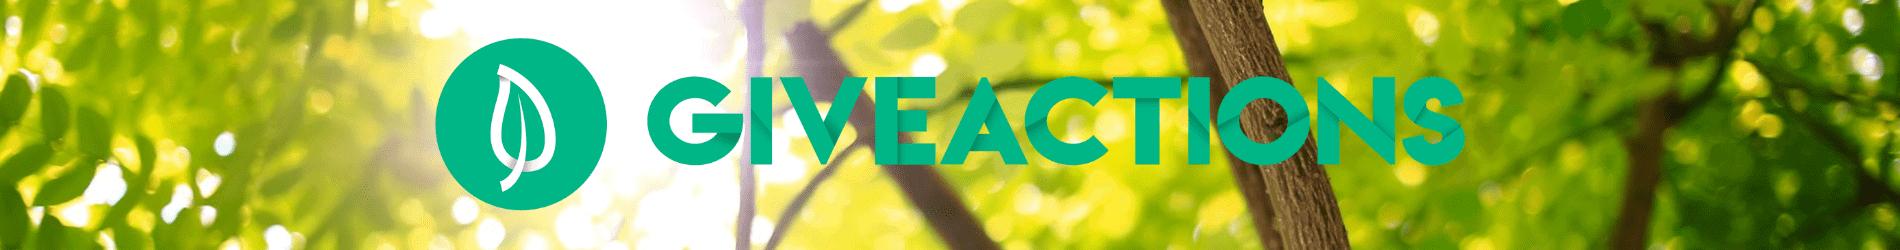 giveaction-application-gratuite-projets-environnemental-planter-arbre-sauver-abeille